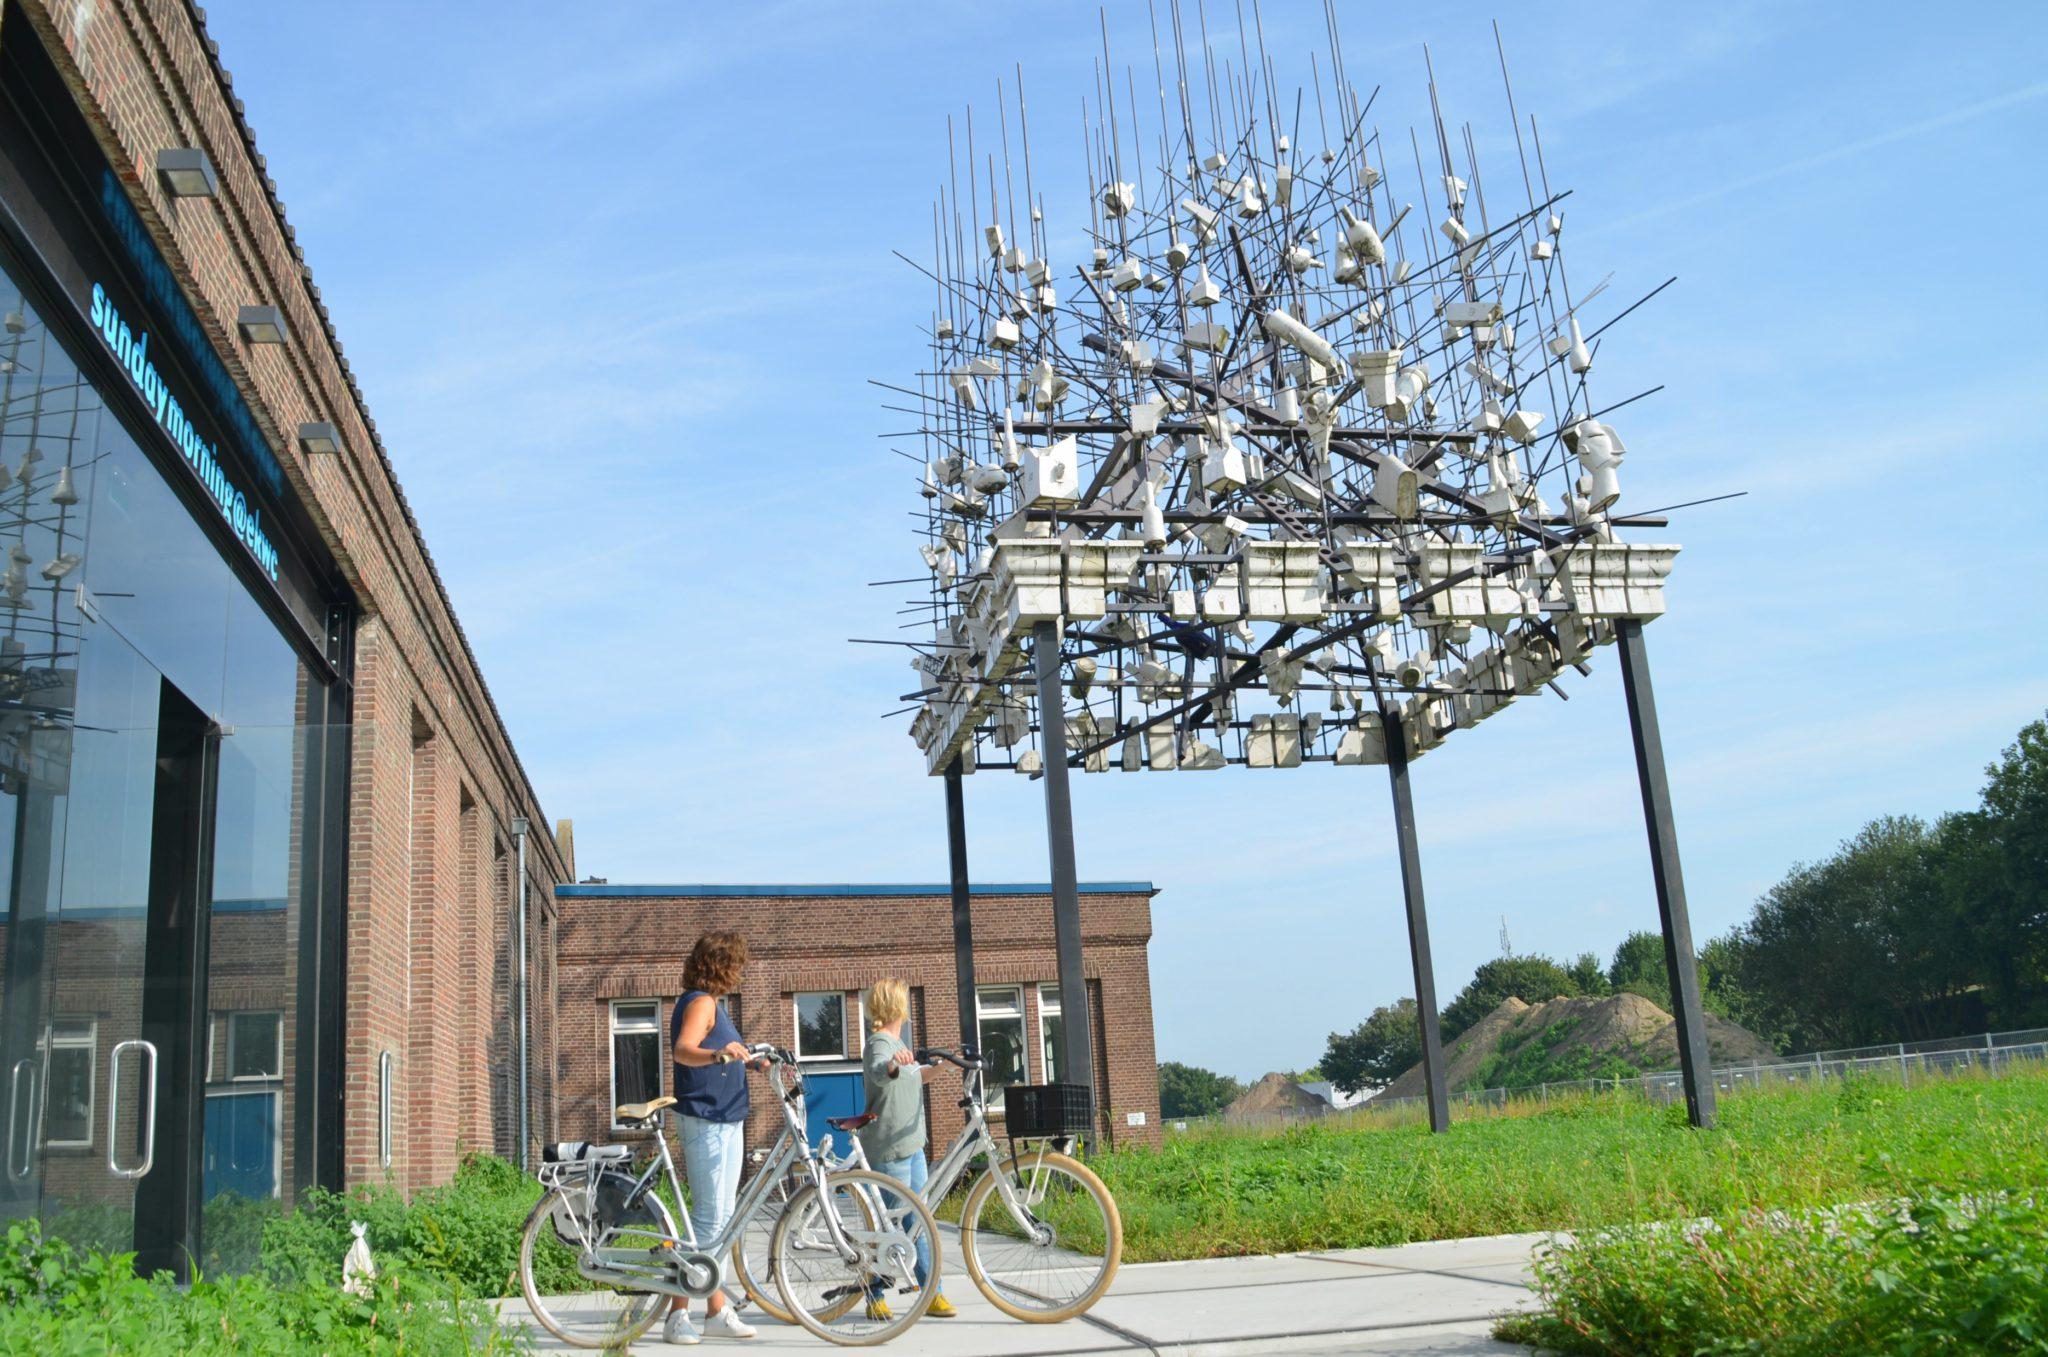 Pop-up fietsroute laat bezoekers kennismaken met Brabants Design van nu.